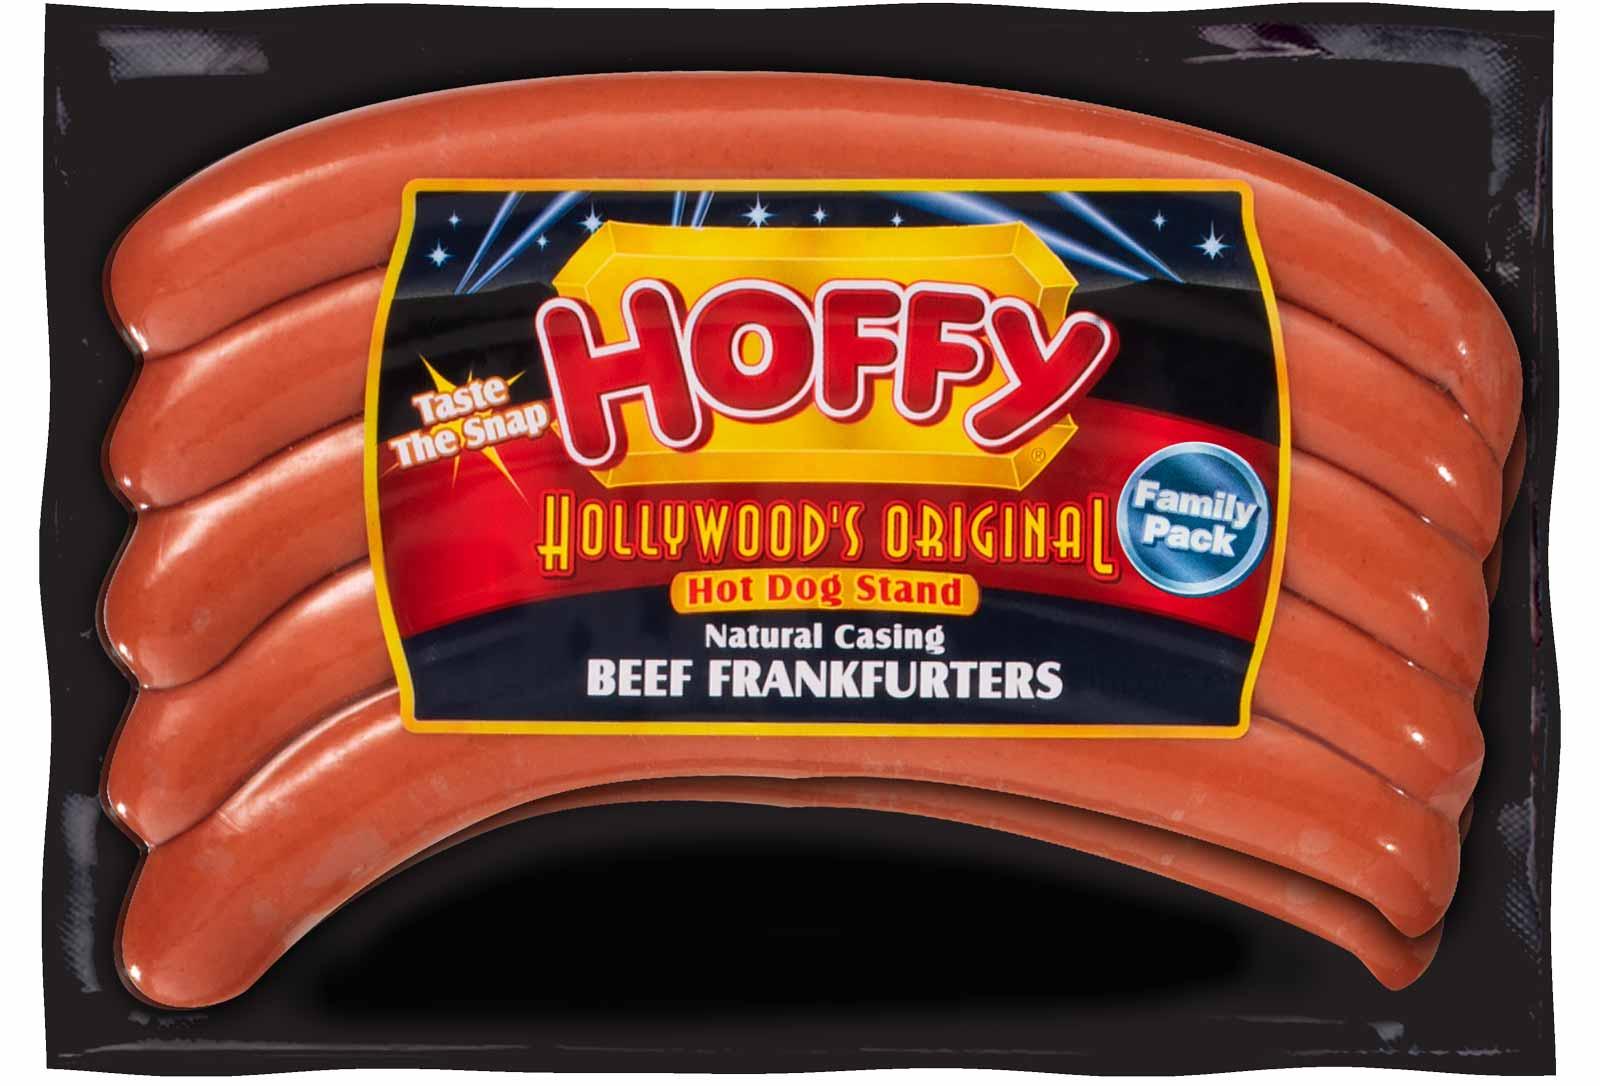 Hollywood's Original Natural Casing Premium Beef Frankfurters – Family Pack